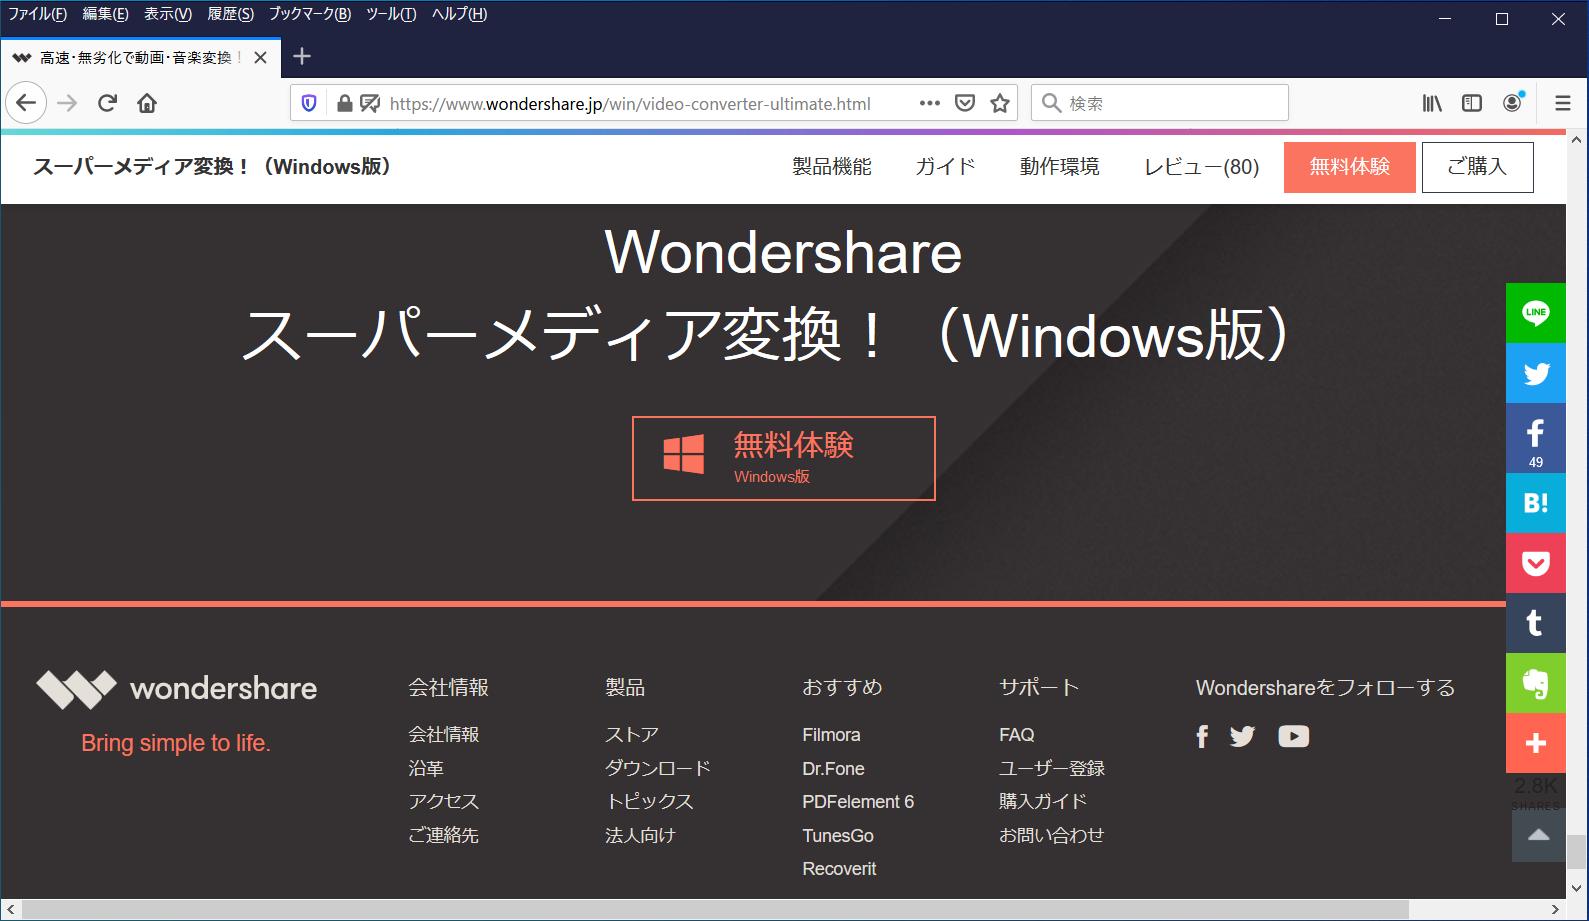 メディア Wondershare 変換 スーパー